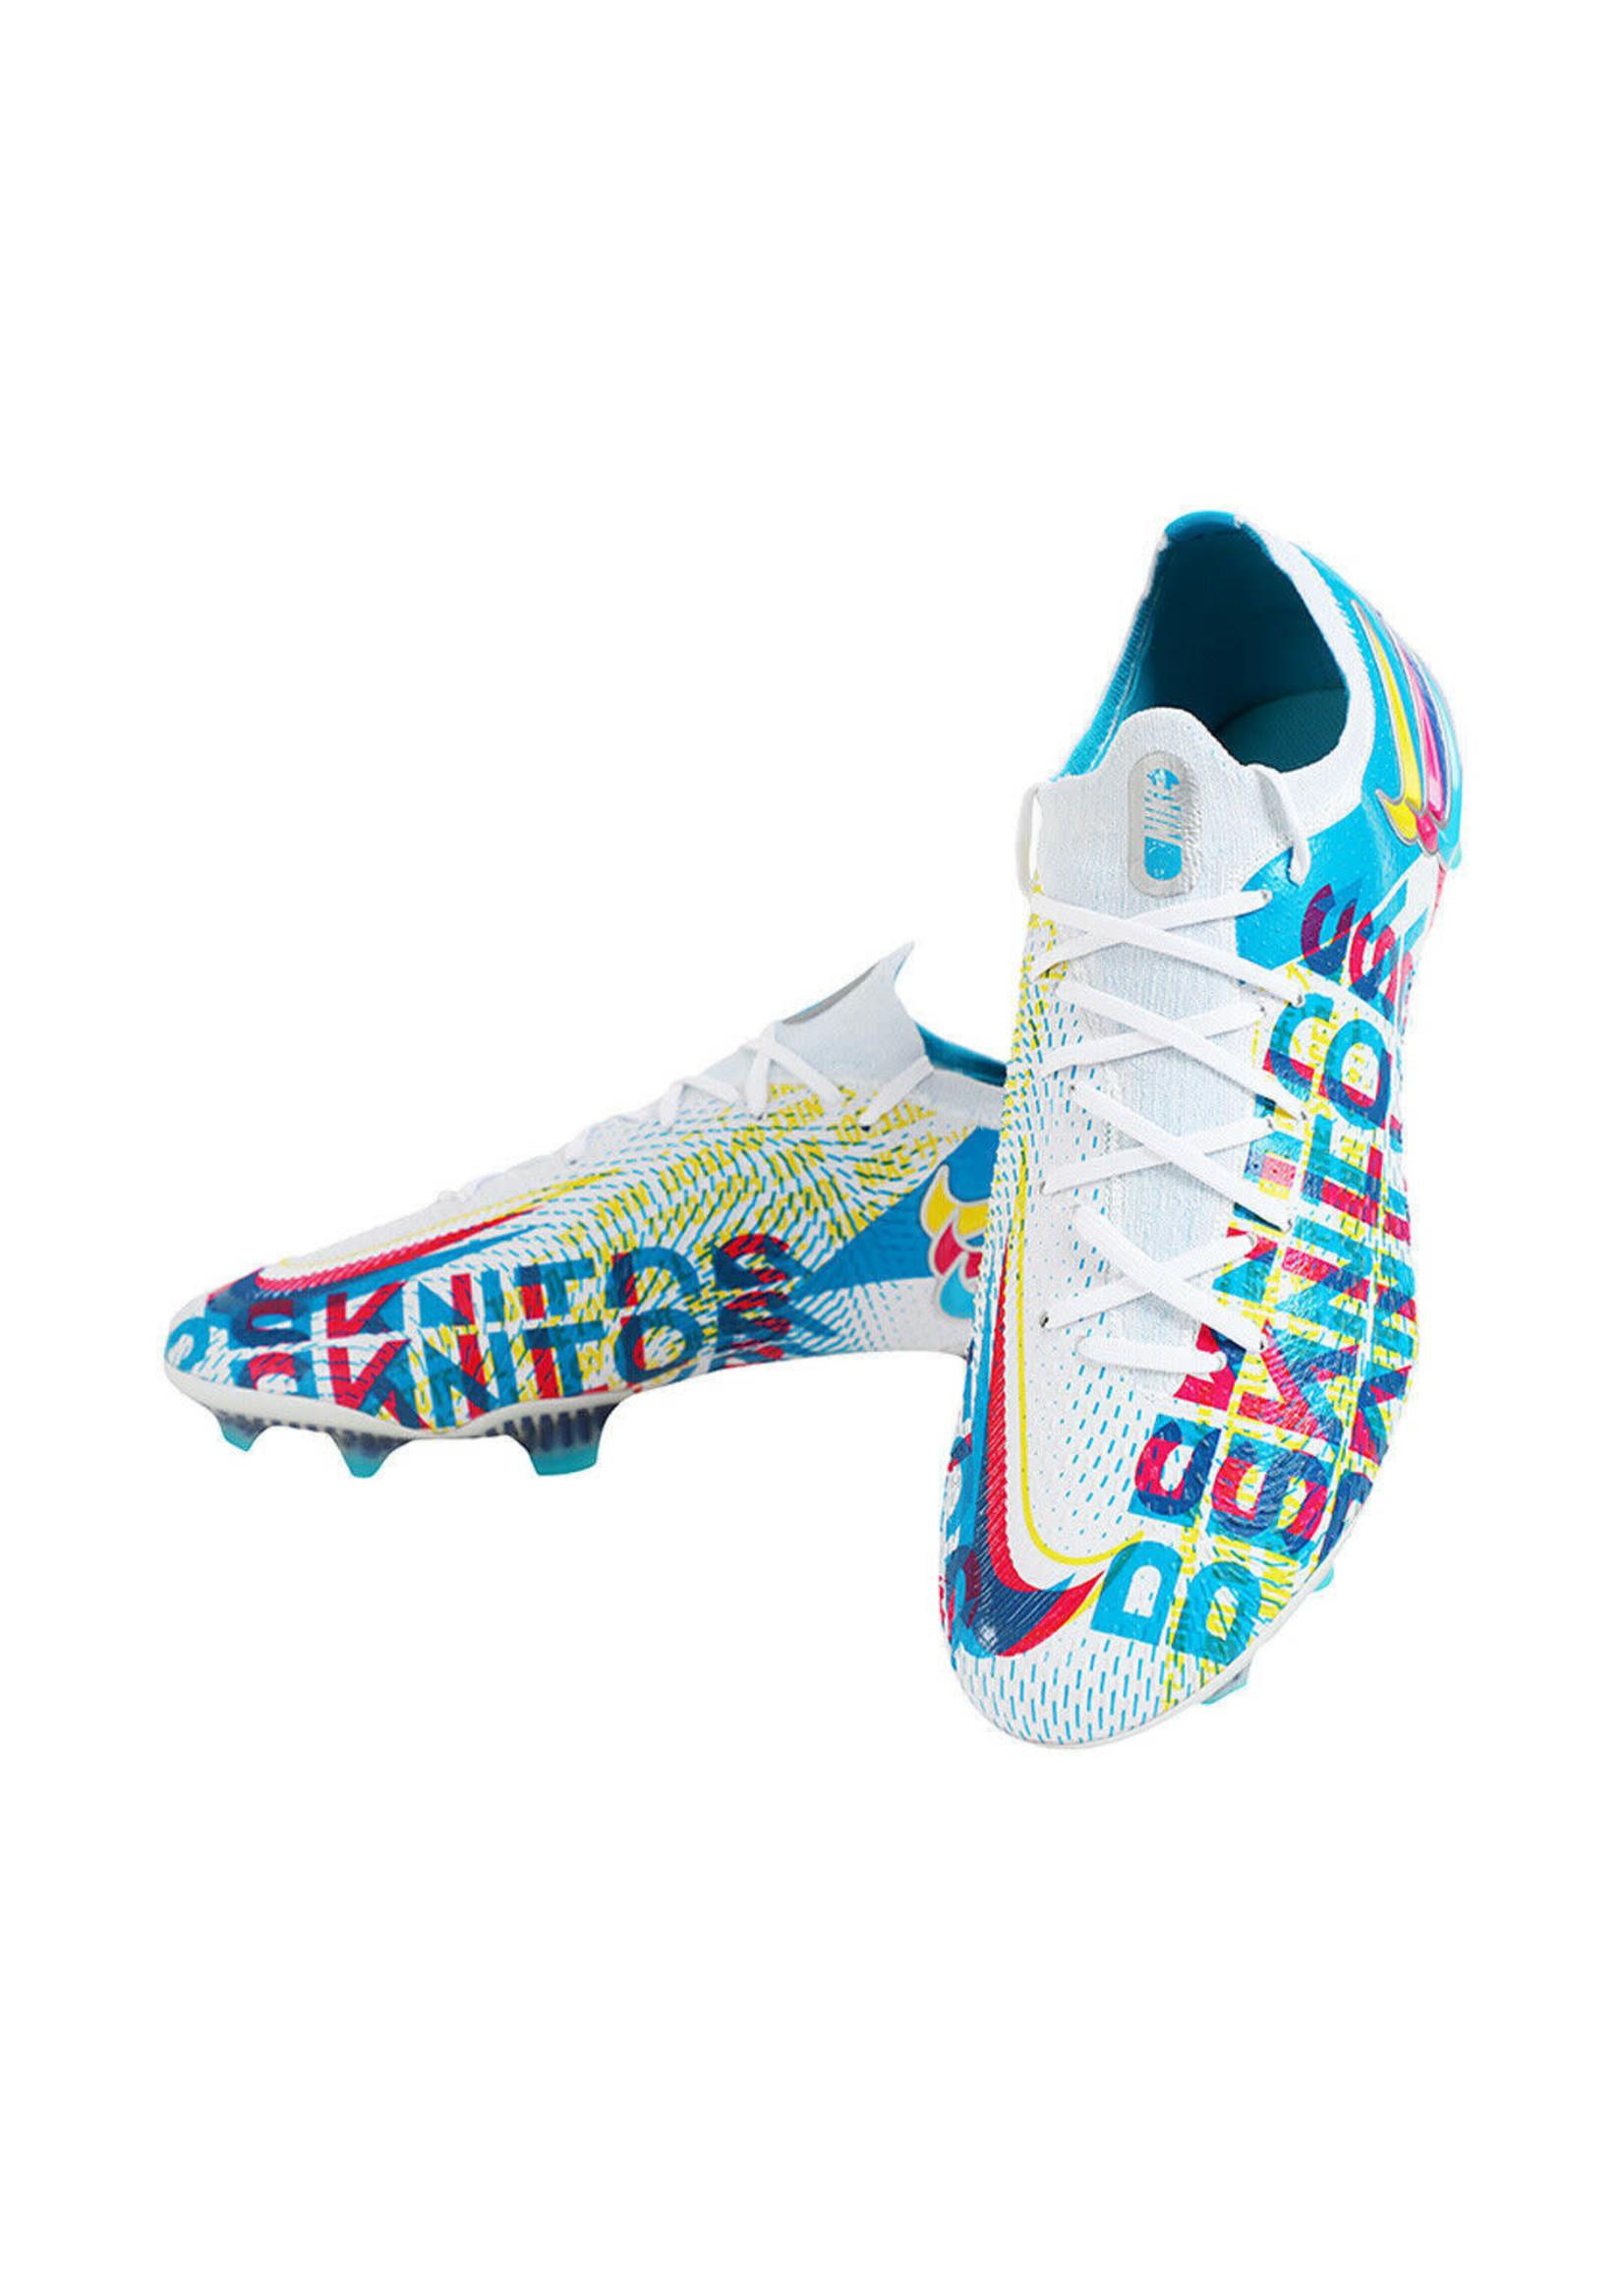 Nike PHANTOM GT ELITE 3D FG